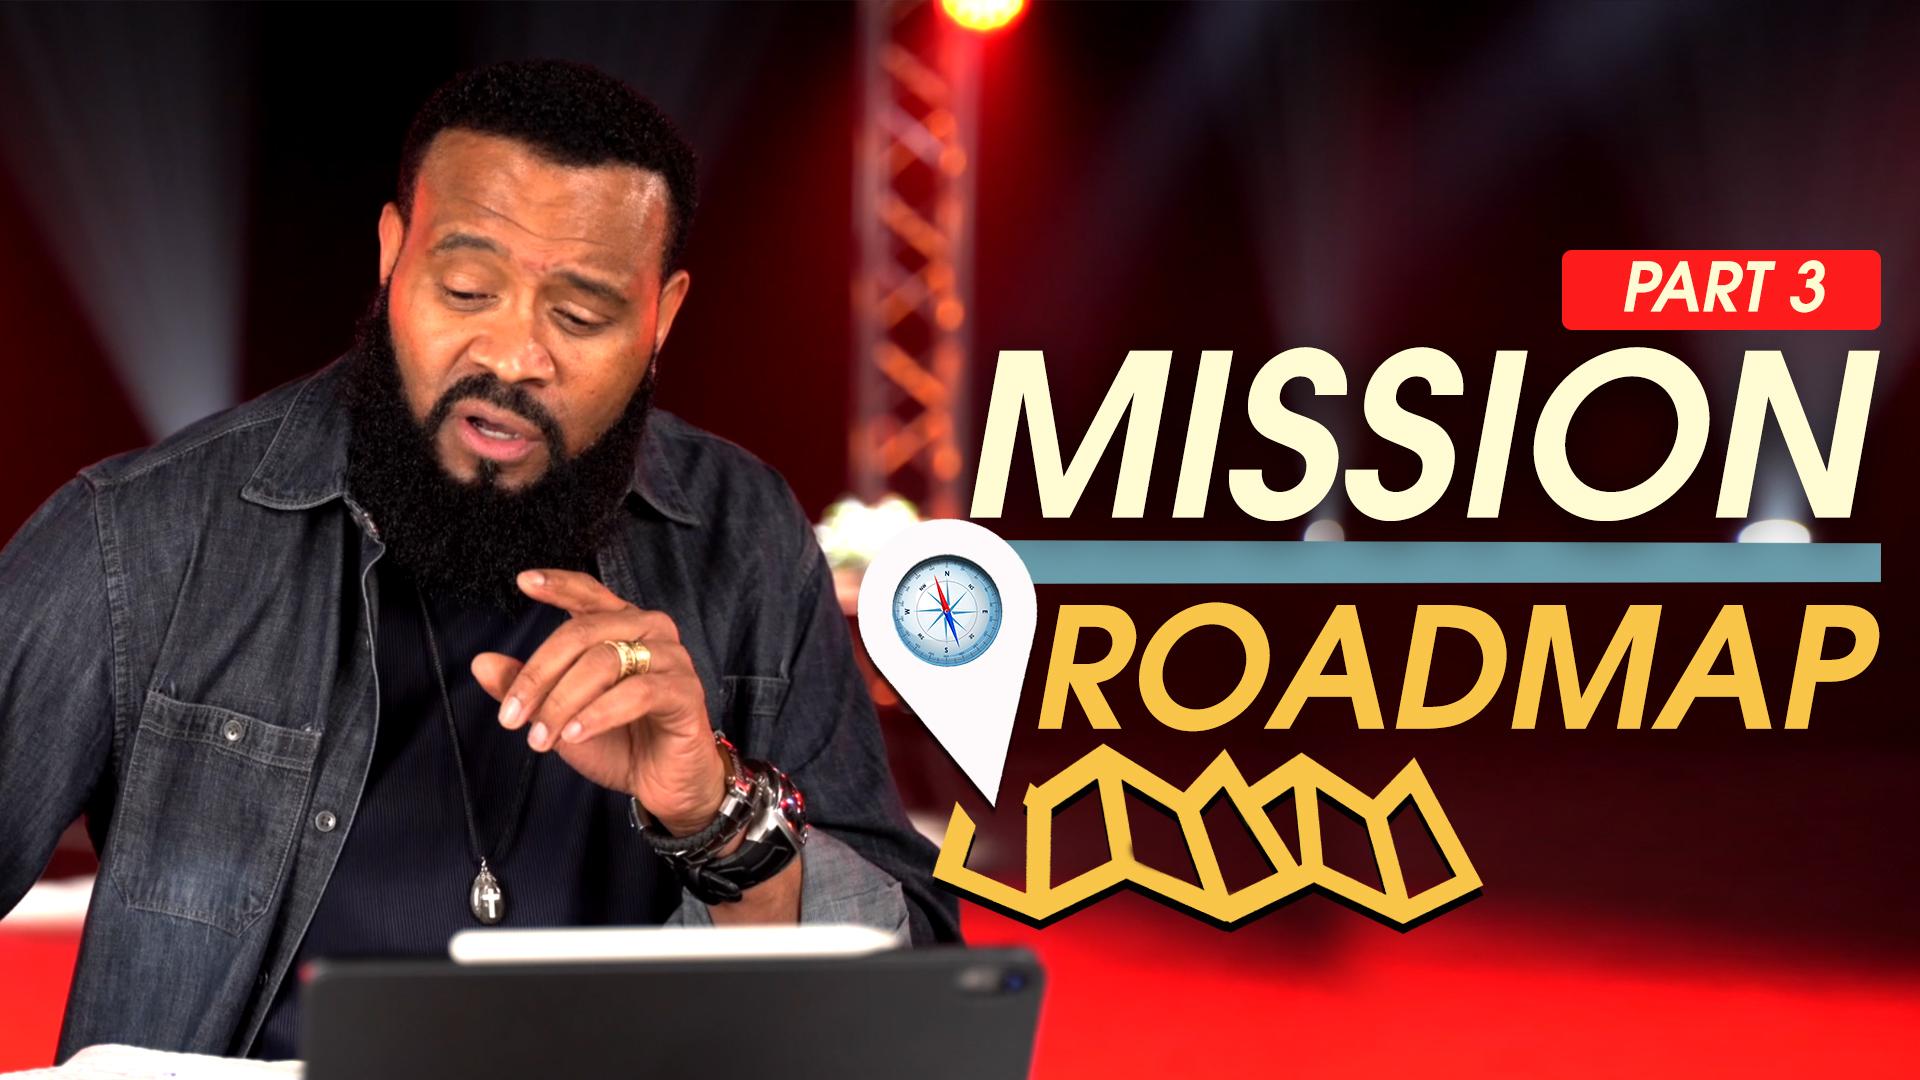 PART 3 – Mission Roadmap